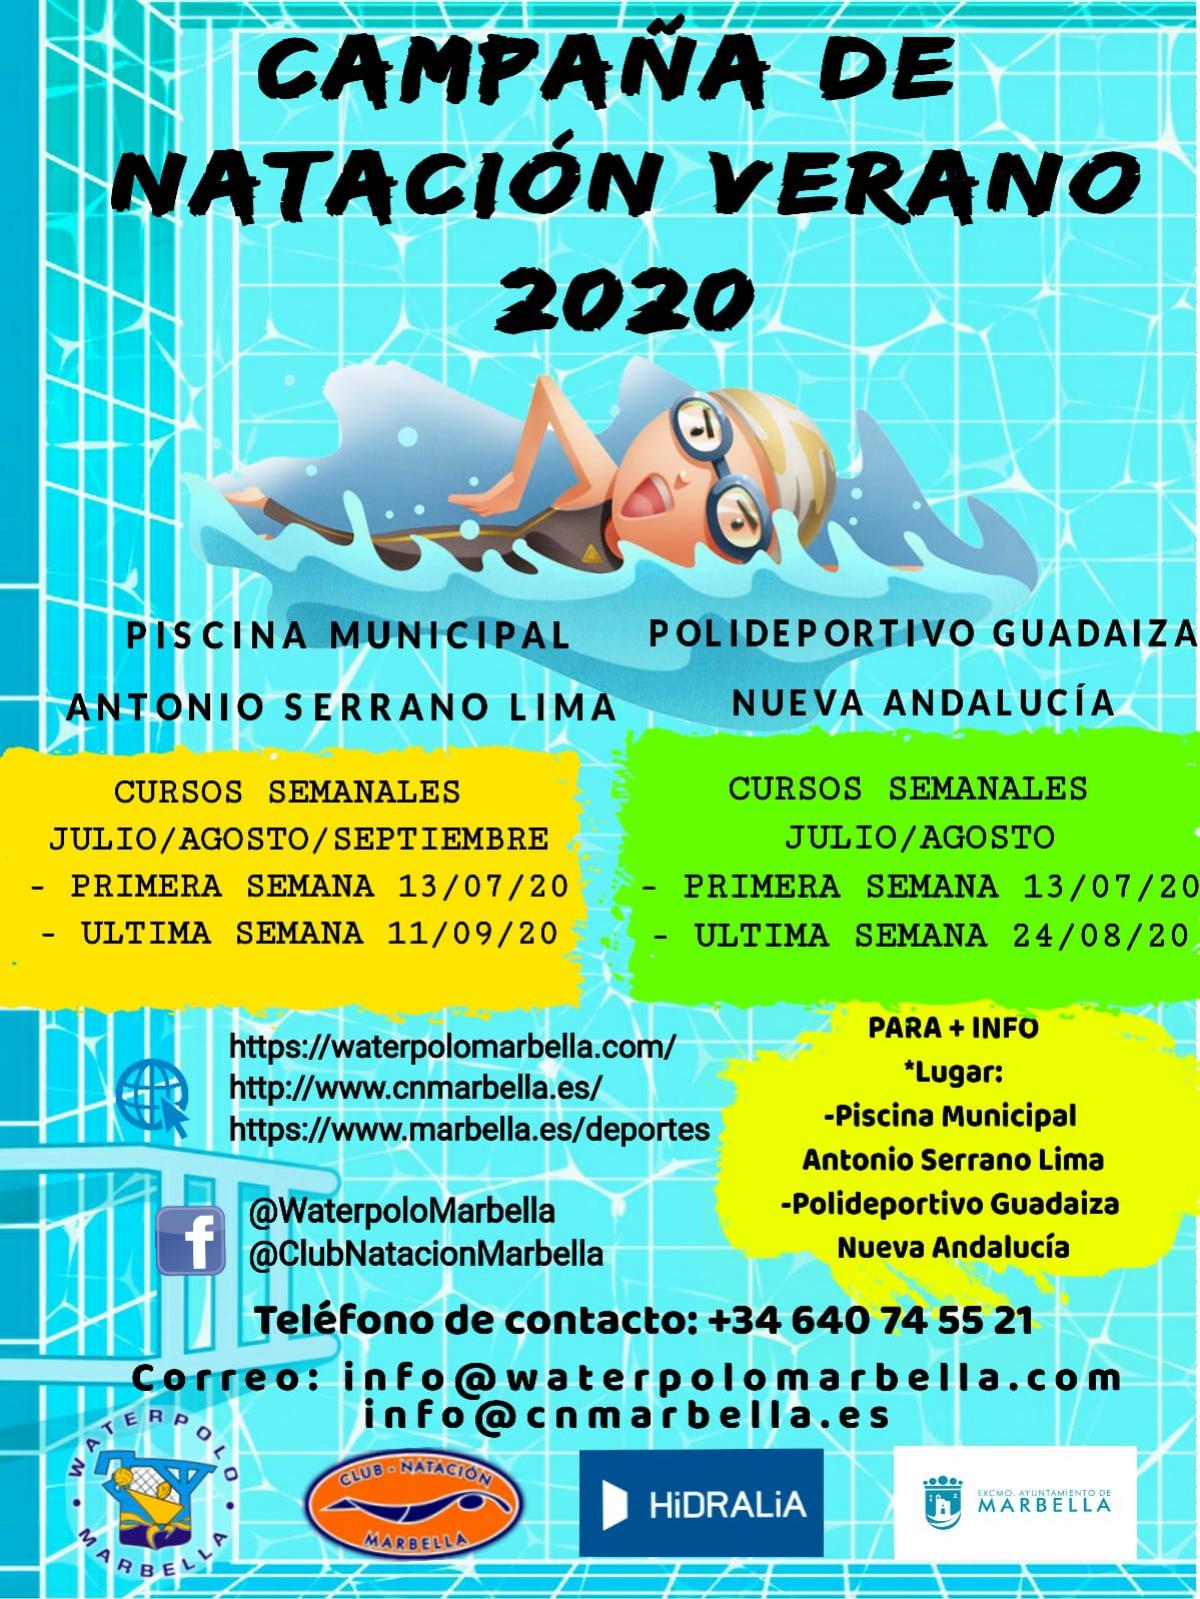 El Ayuntamiento Colabora En La Nueva Campana De Natacion De Verano Que Organizan El Club Waterpolo De La Ciudad Y El Cn Marbella